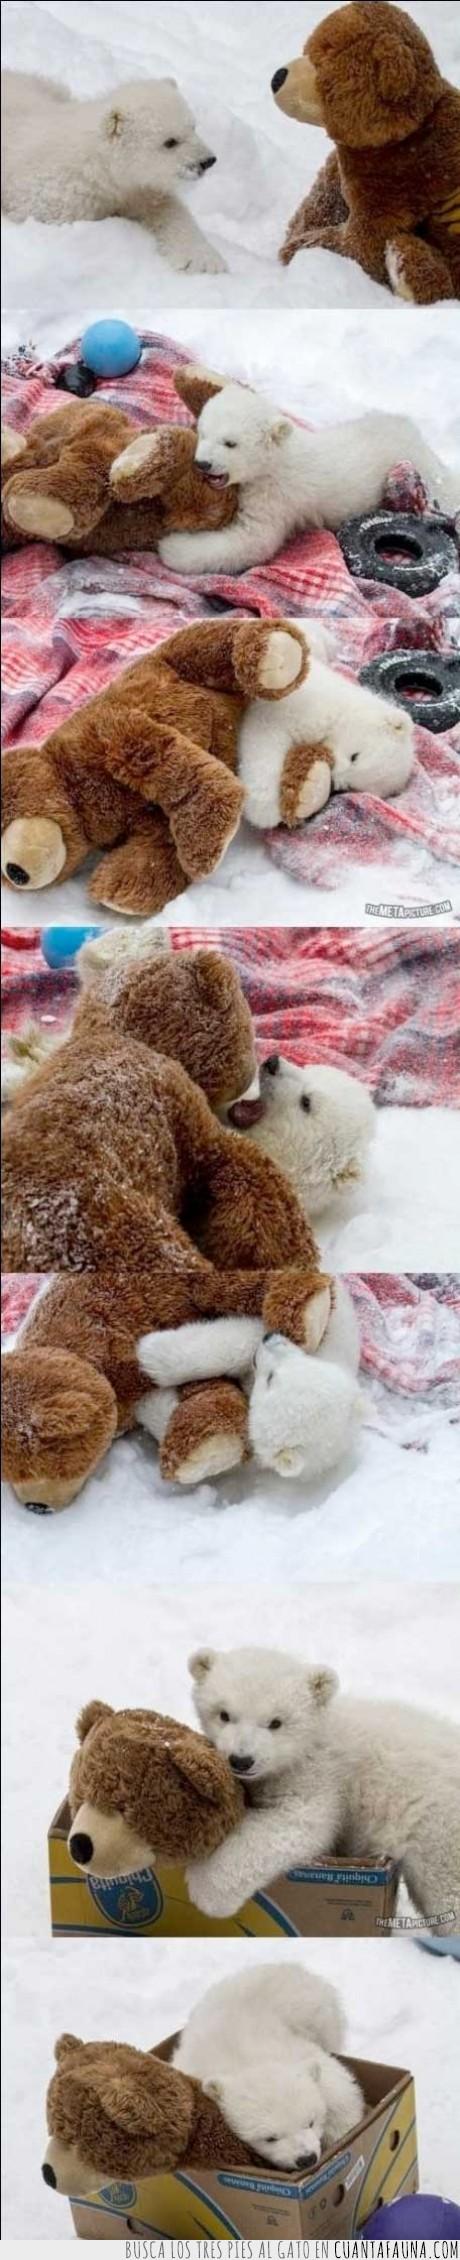 amigo,blanco,jugar,osezno,osito,oso,peluche,polar